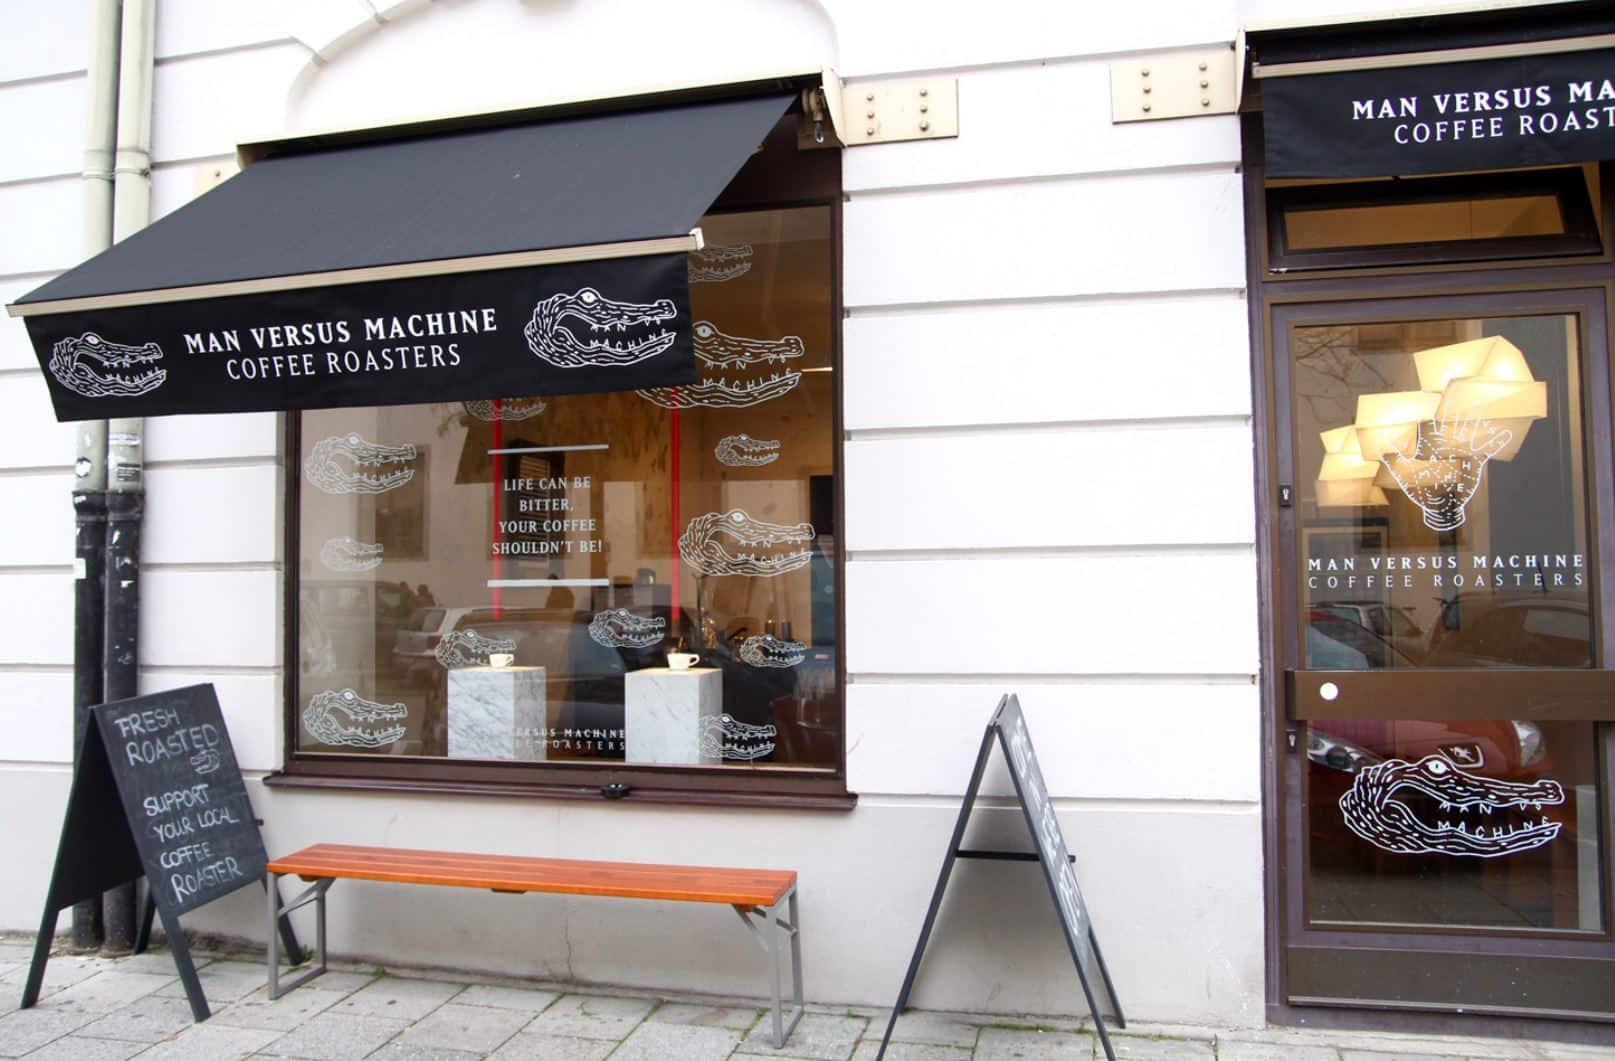 Man Versus Machine Coffee Roasters